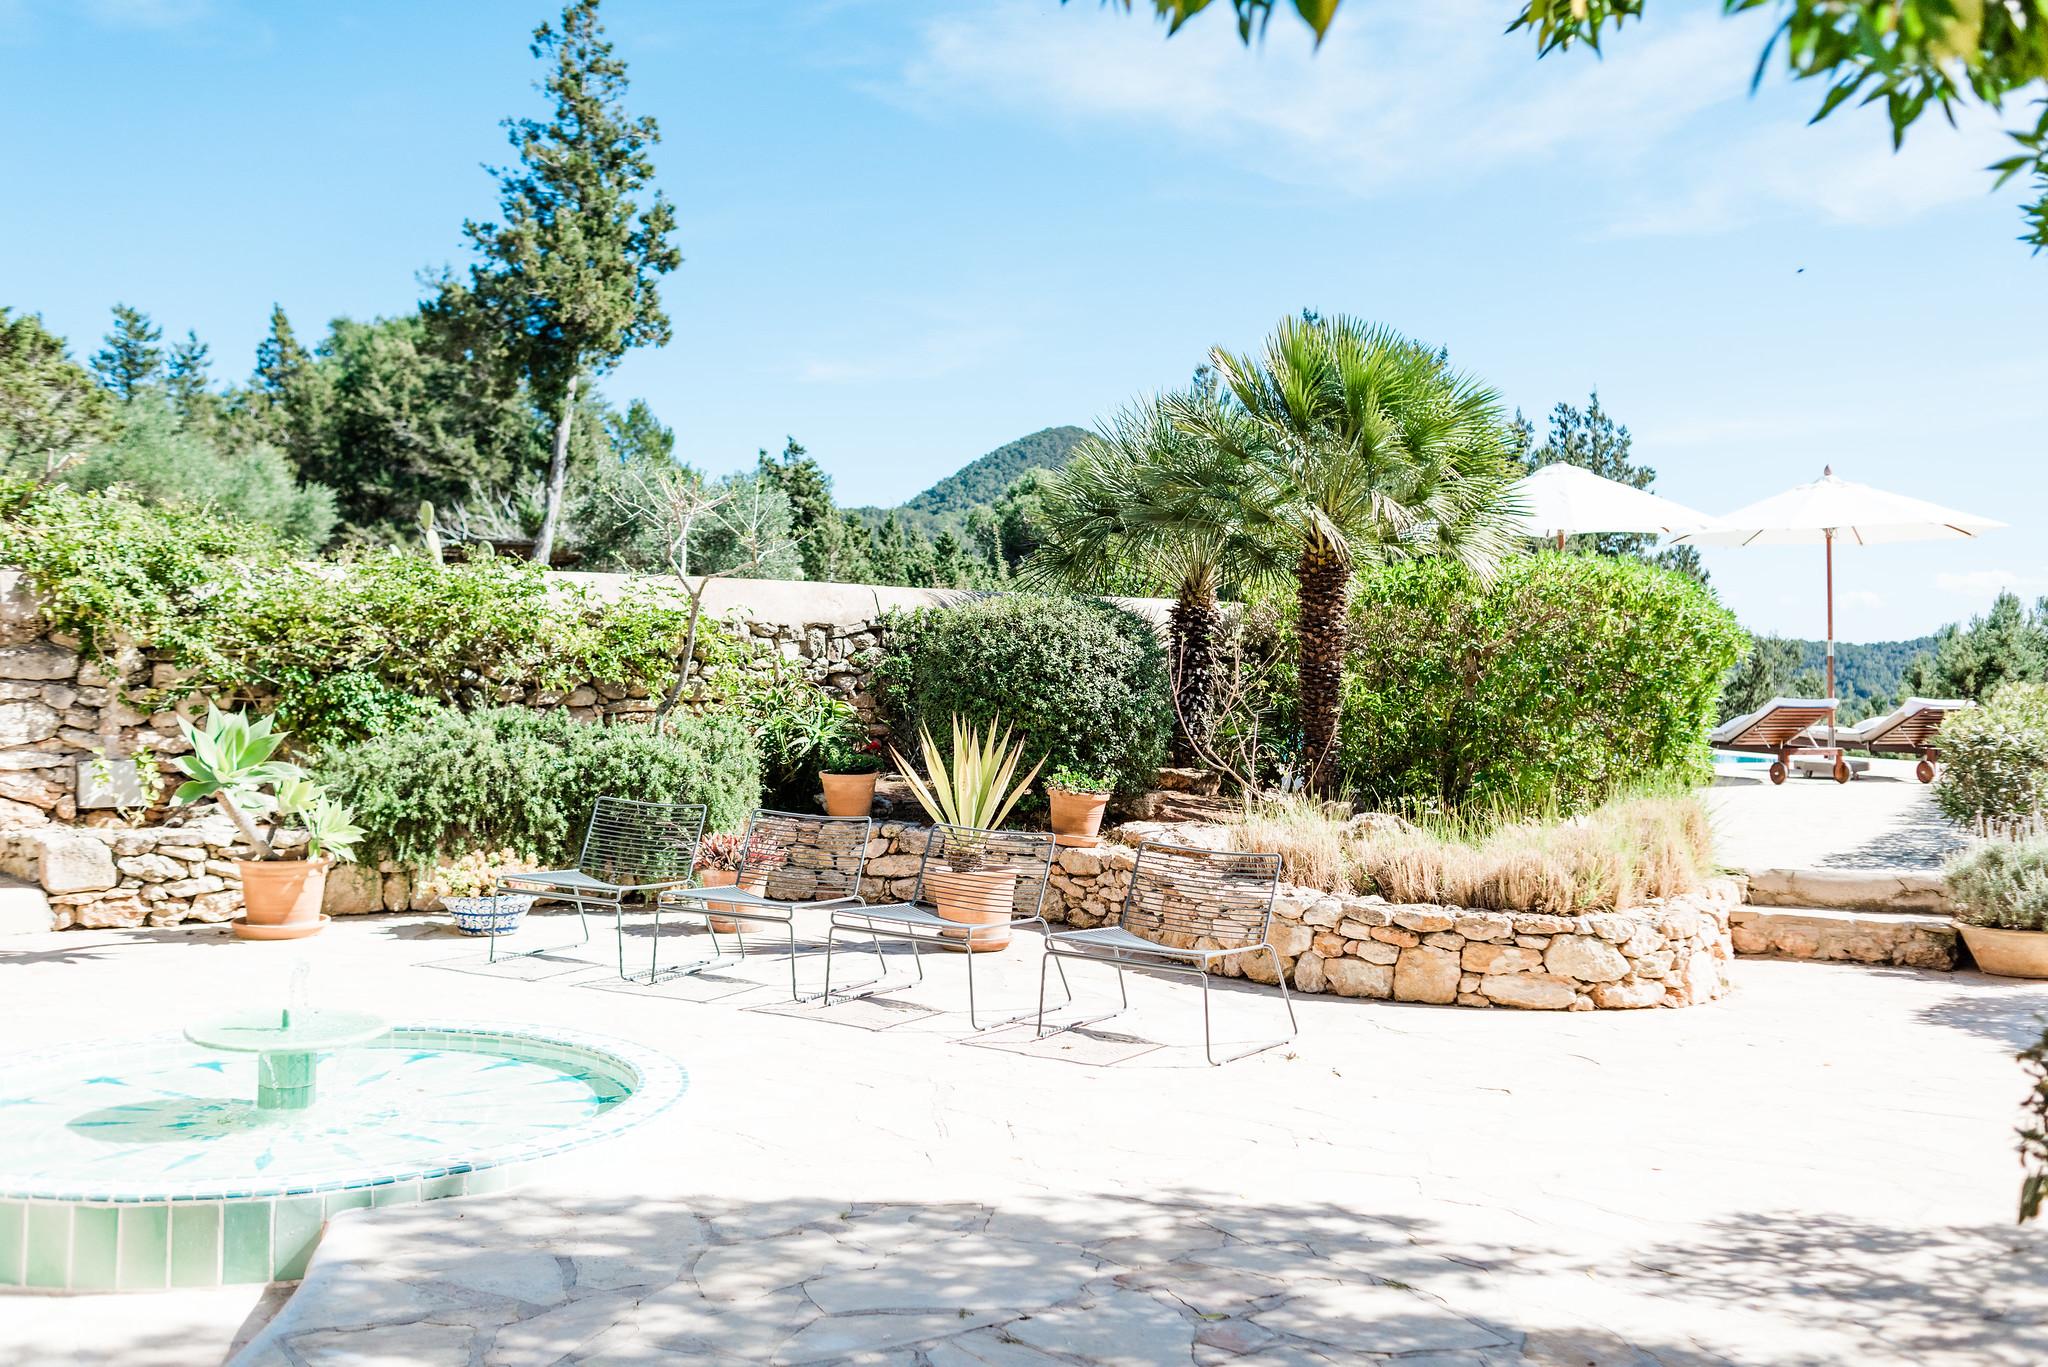 https://www.white-ibiza.com/wp-content/uploads/2020/06/white-ibiza-villas-villa-andrea-exterior-fountain.jpg